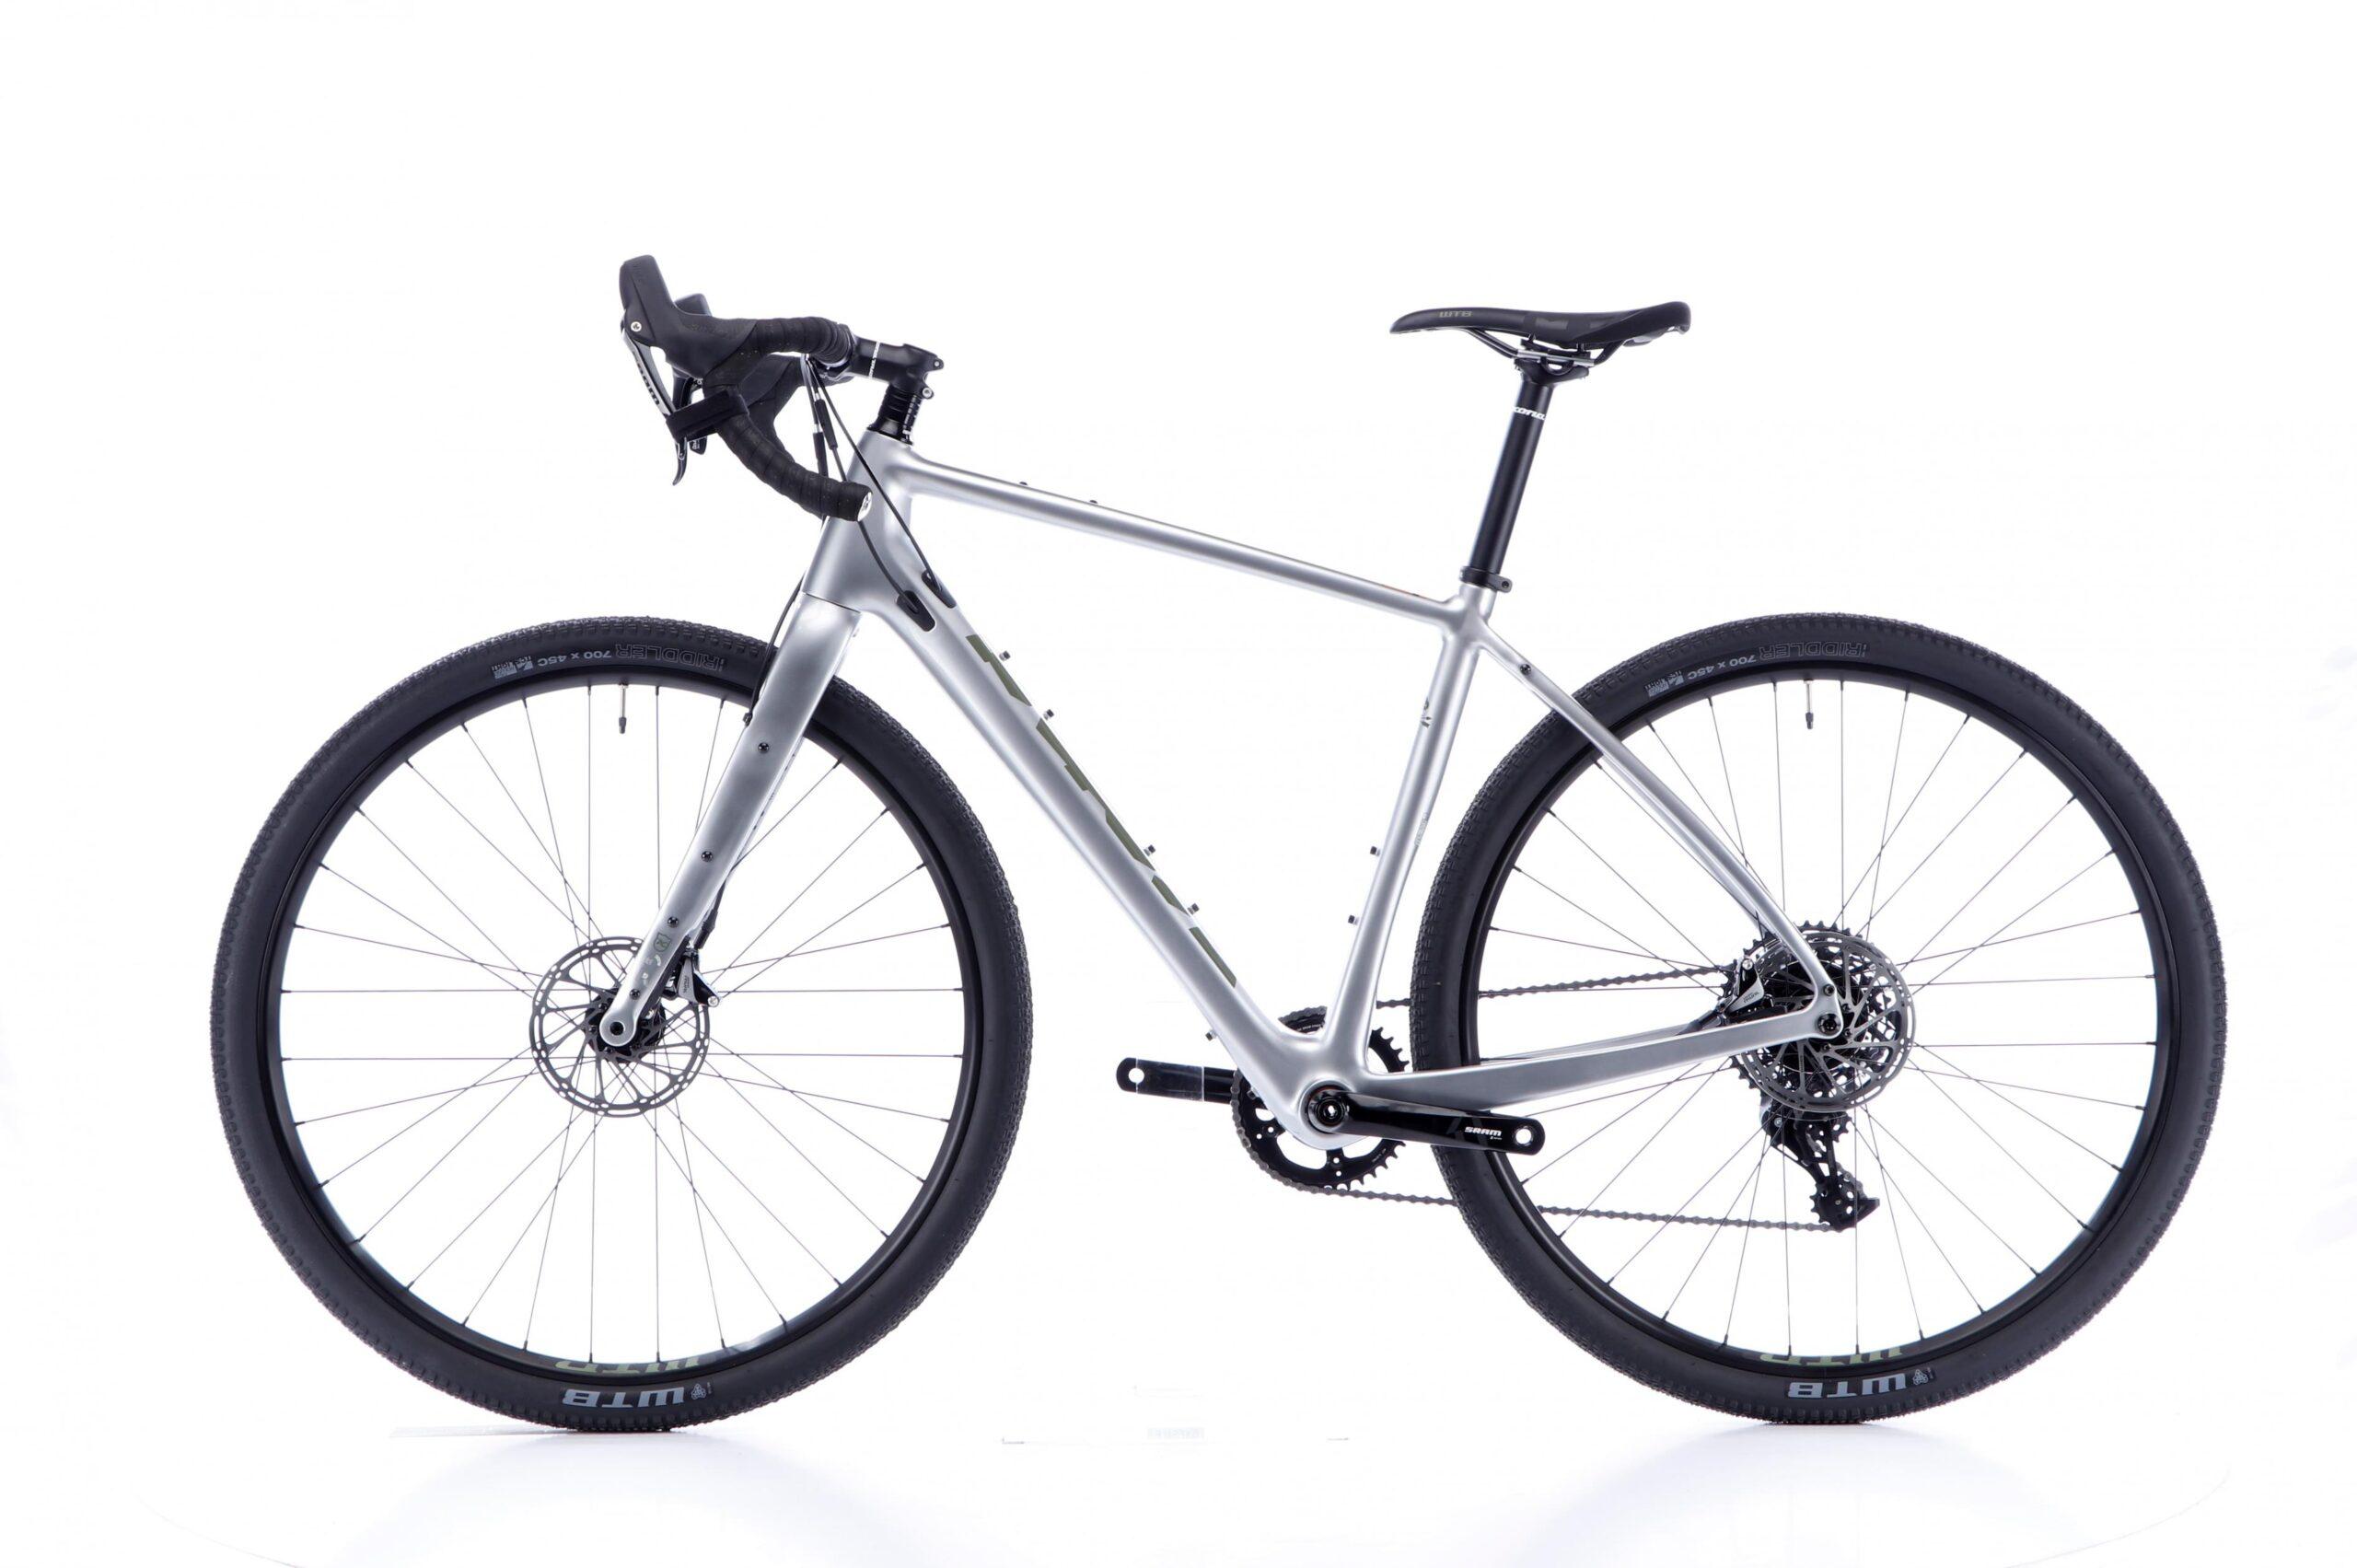 Kona_Libre_Carbon_Gravel-__Cyclocross_Bikes_65tAHZ9CmONh38